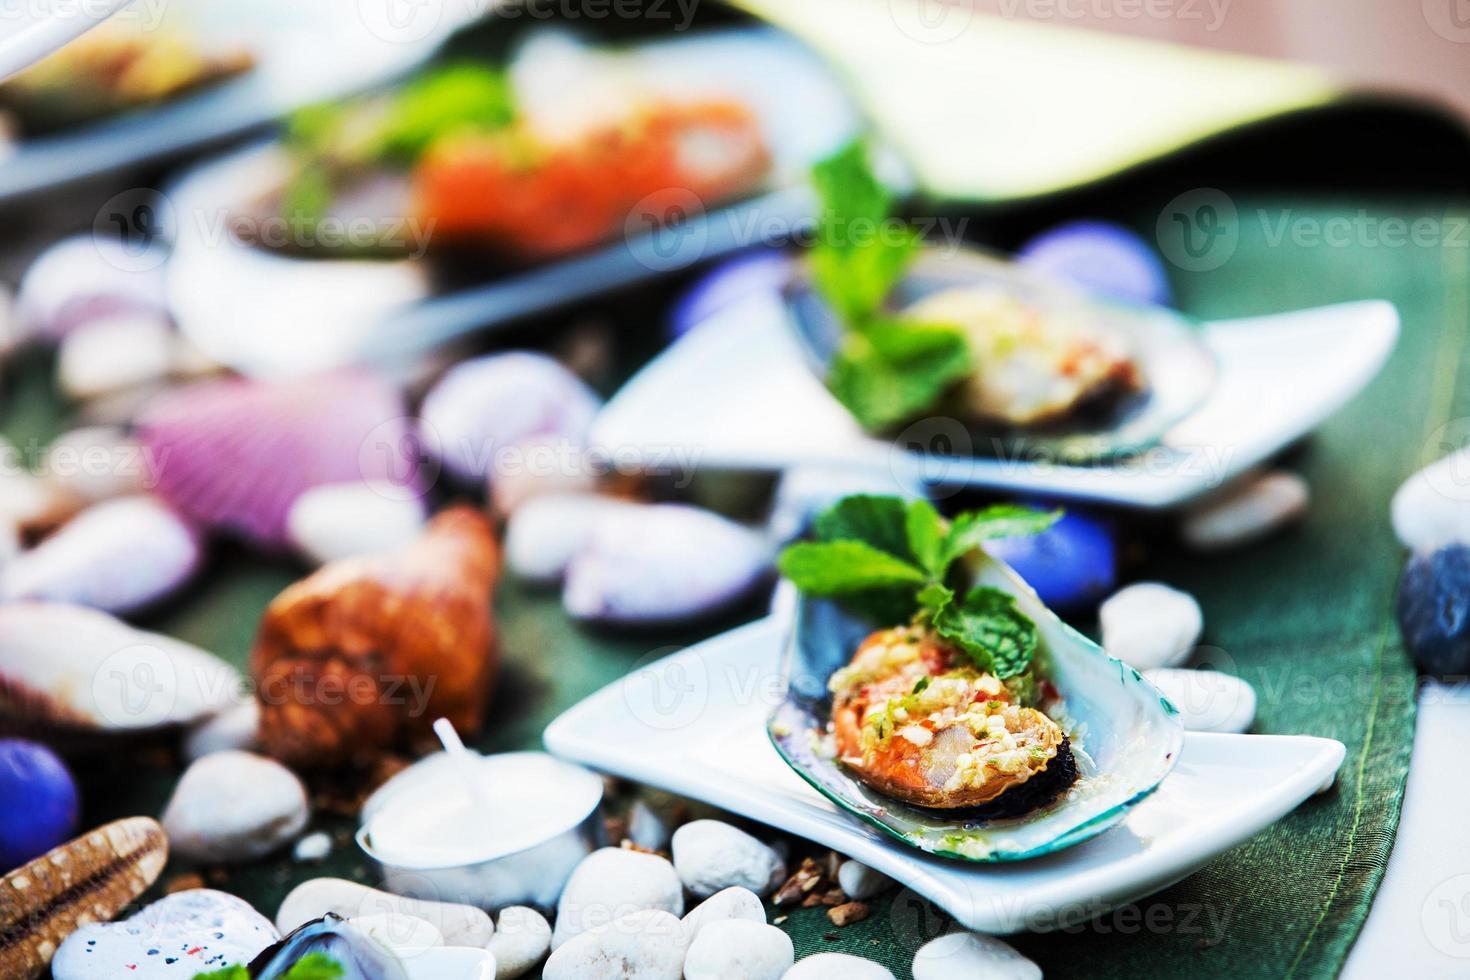 queijo de mexilhão e pão de alho foto